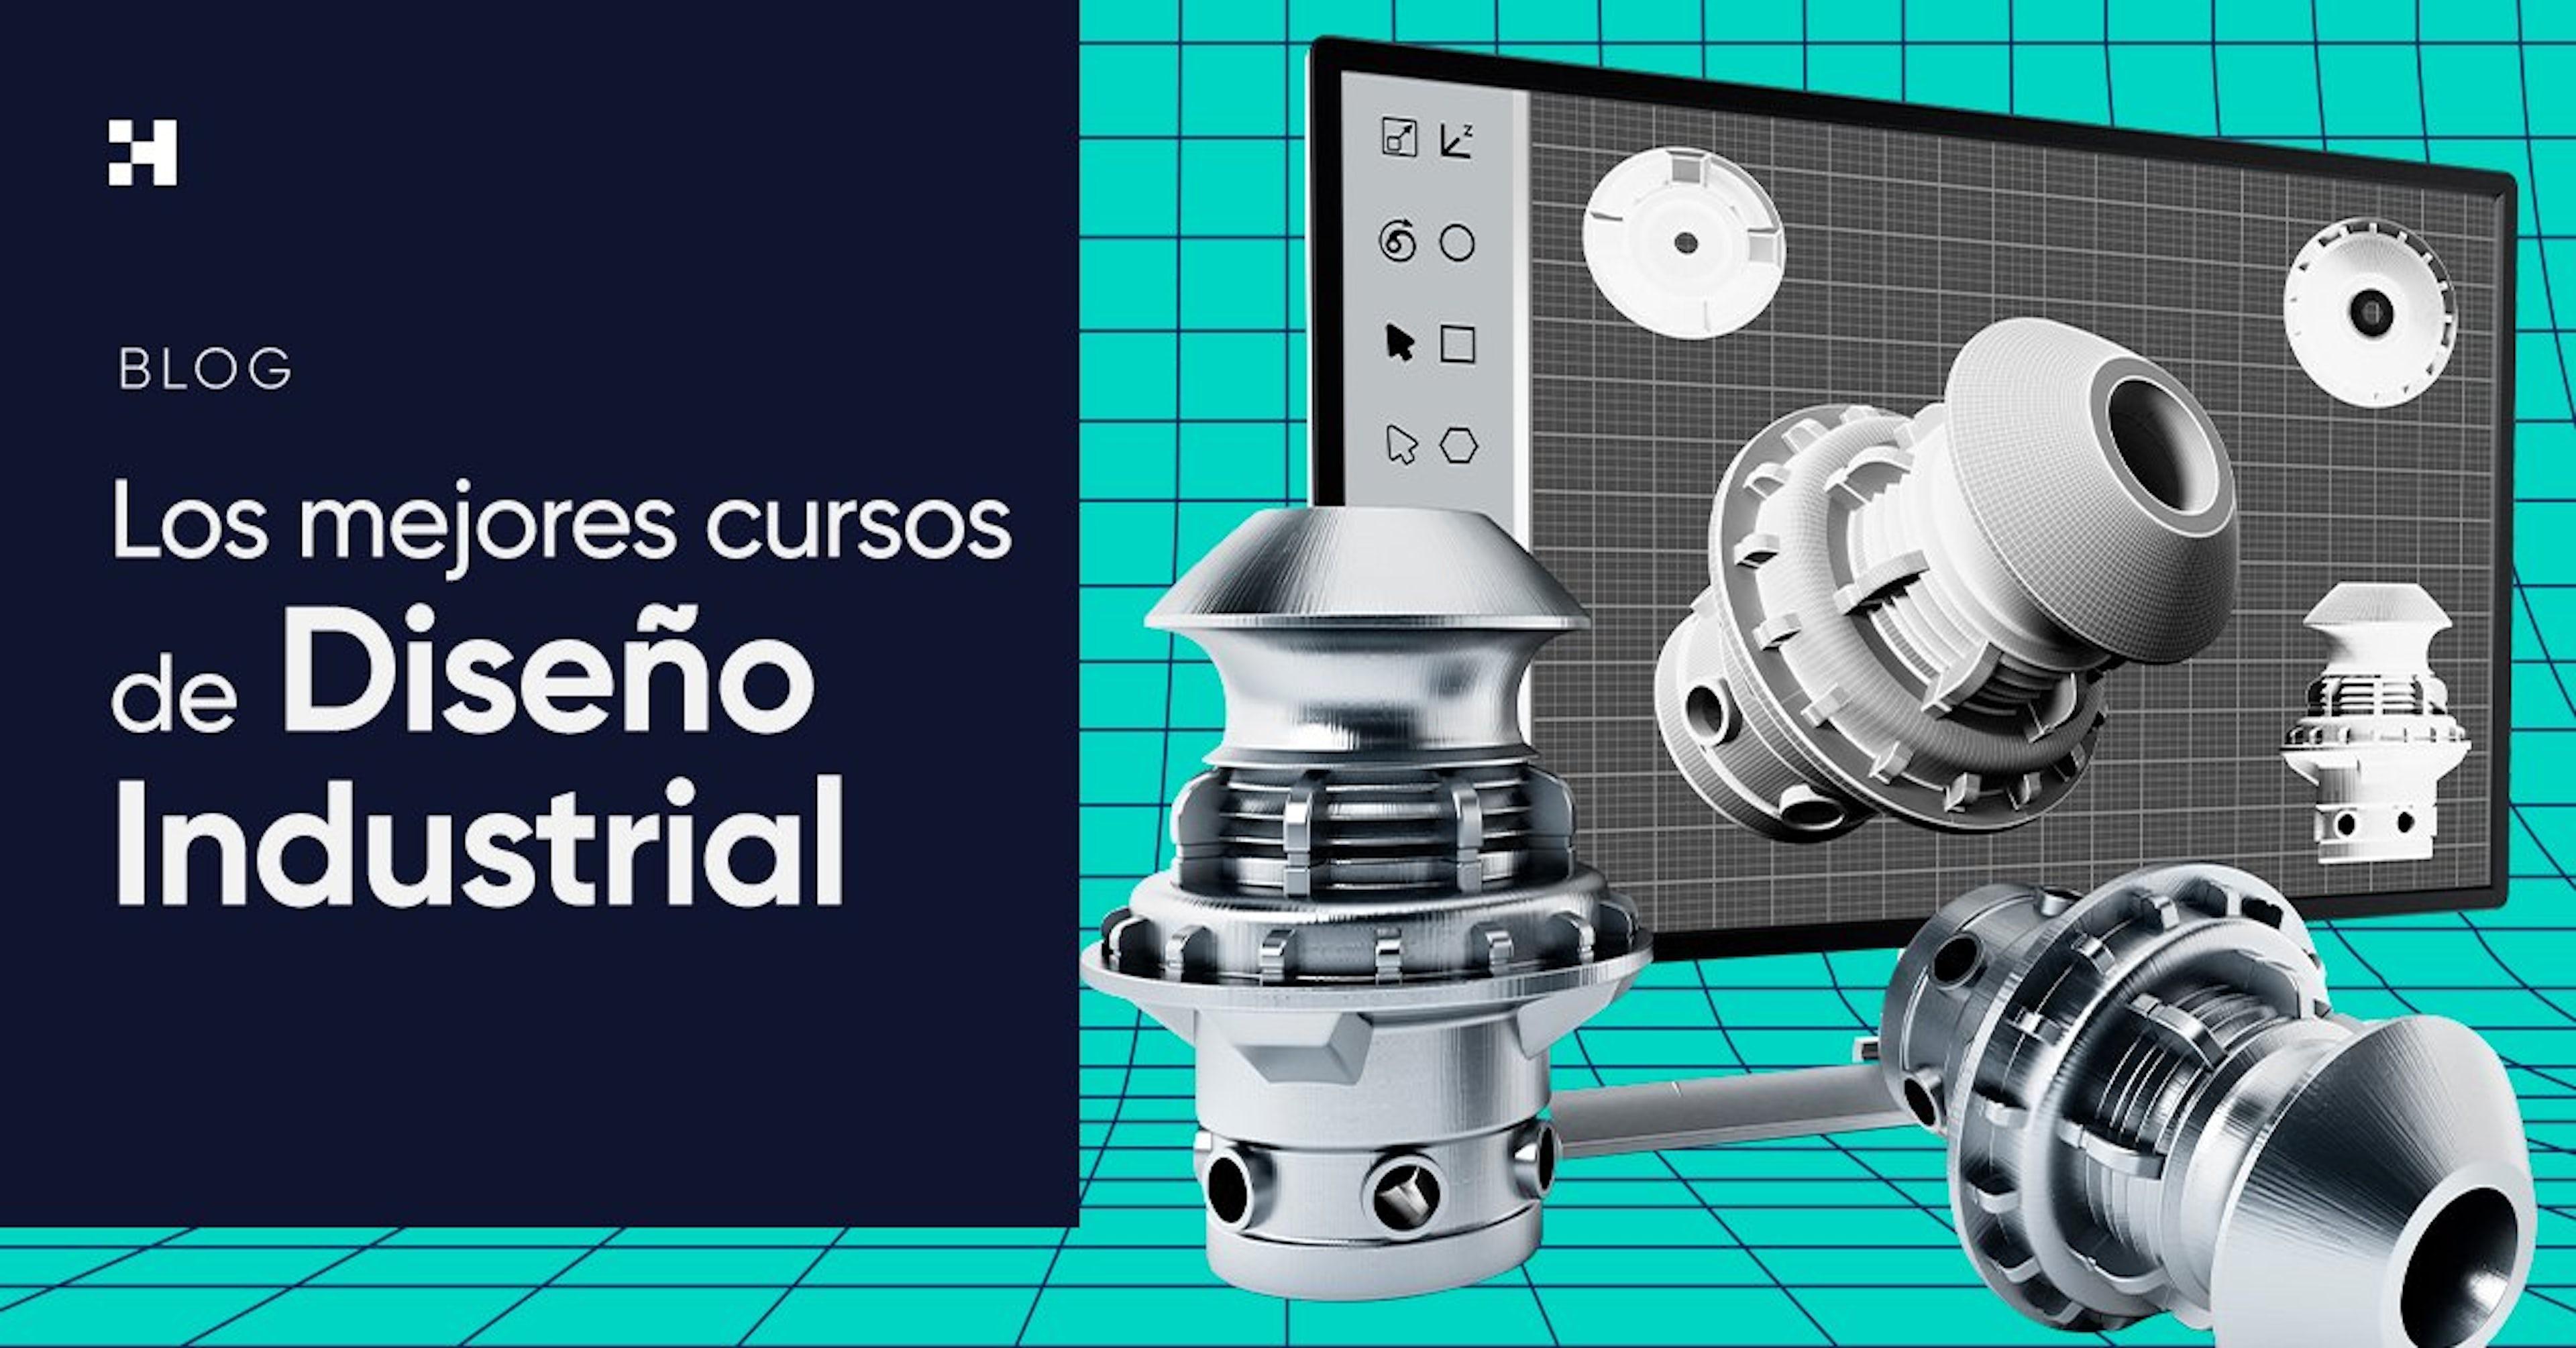 Los mejores cursos de Diseño Industrial